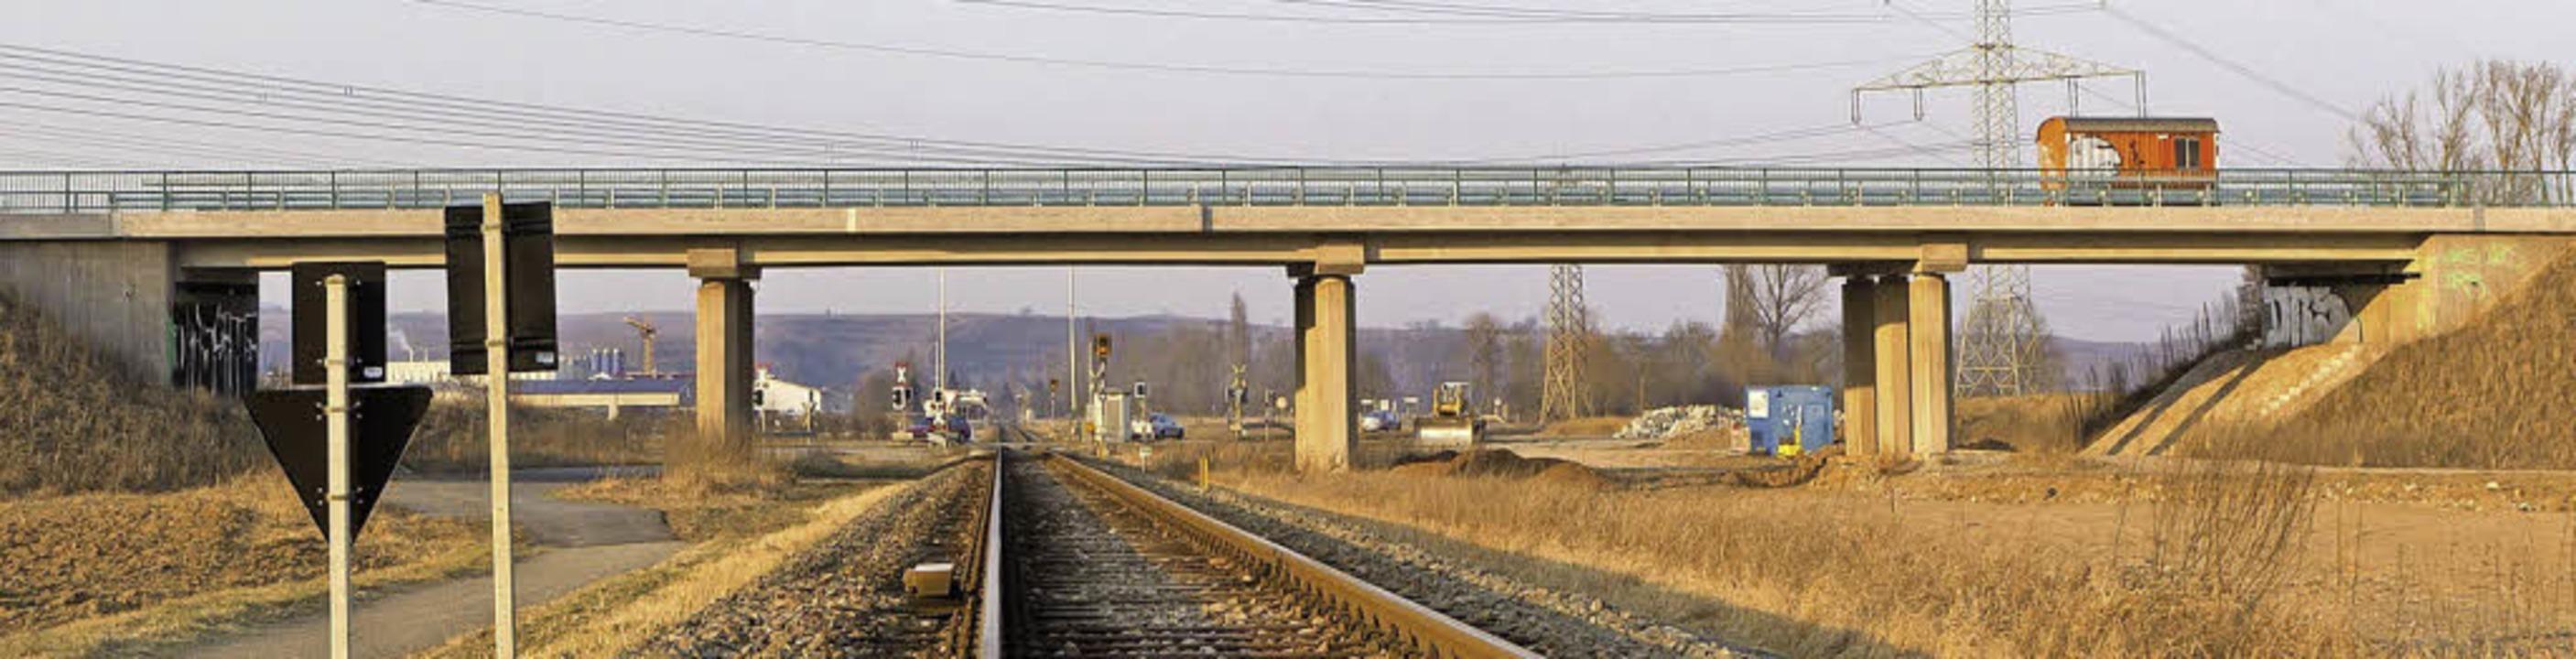 Die Brücke bei Gottenheim für die B31-...ern, denn die Planung liegt auf Eis.    | Foto: Carlotta Huber